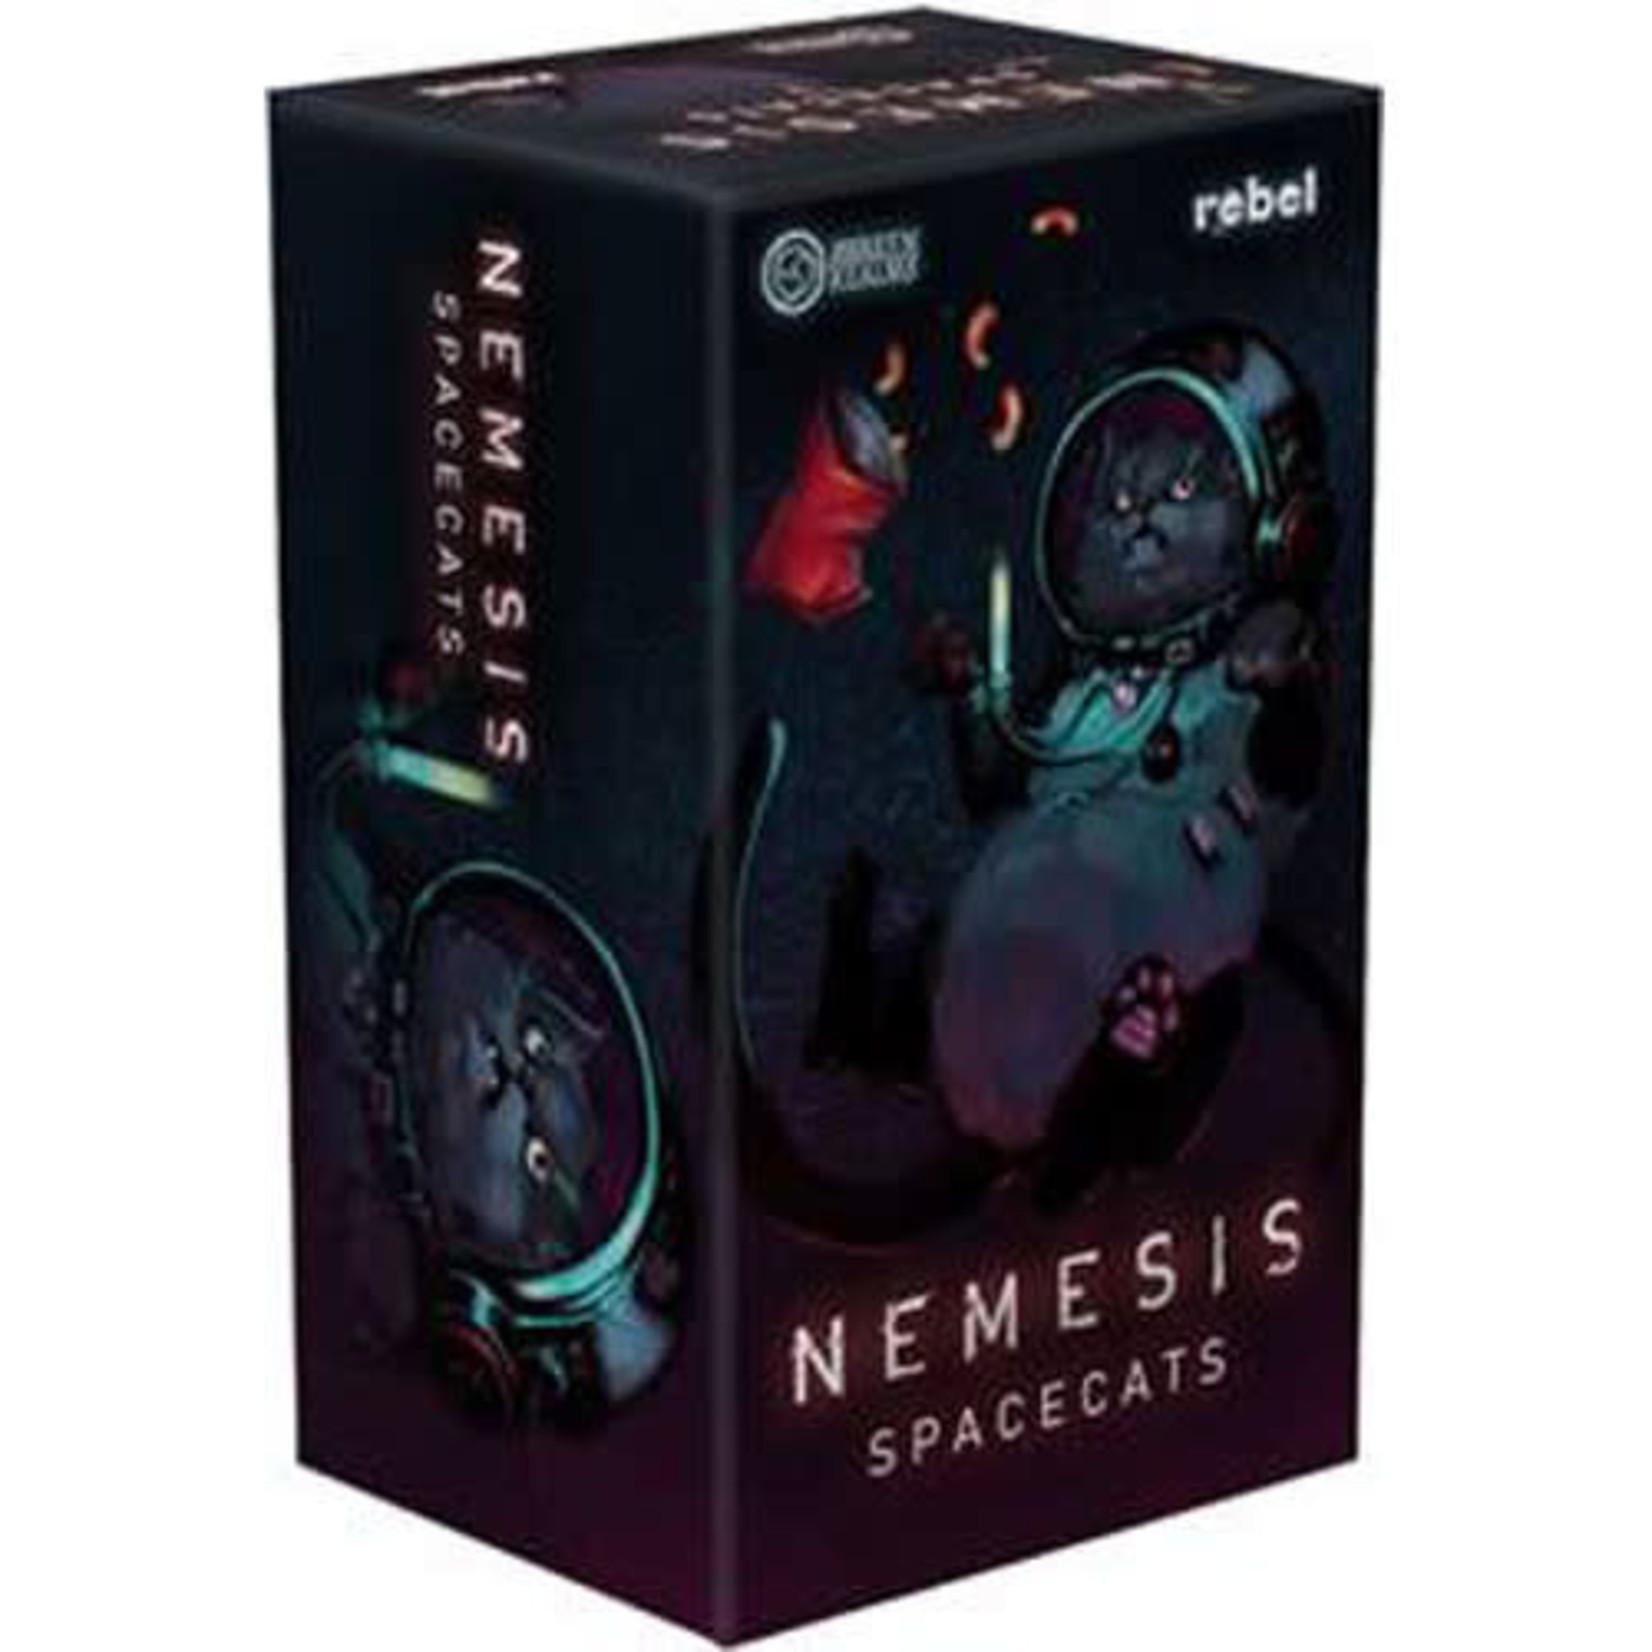 Nemesis Space Cats Expansion